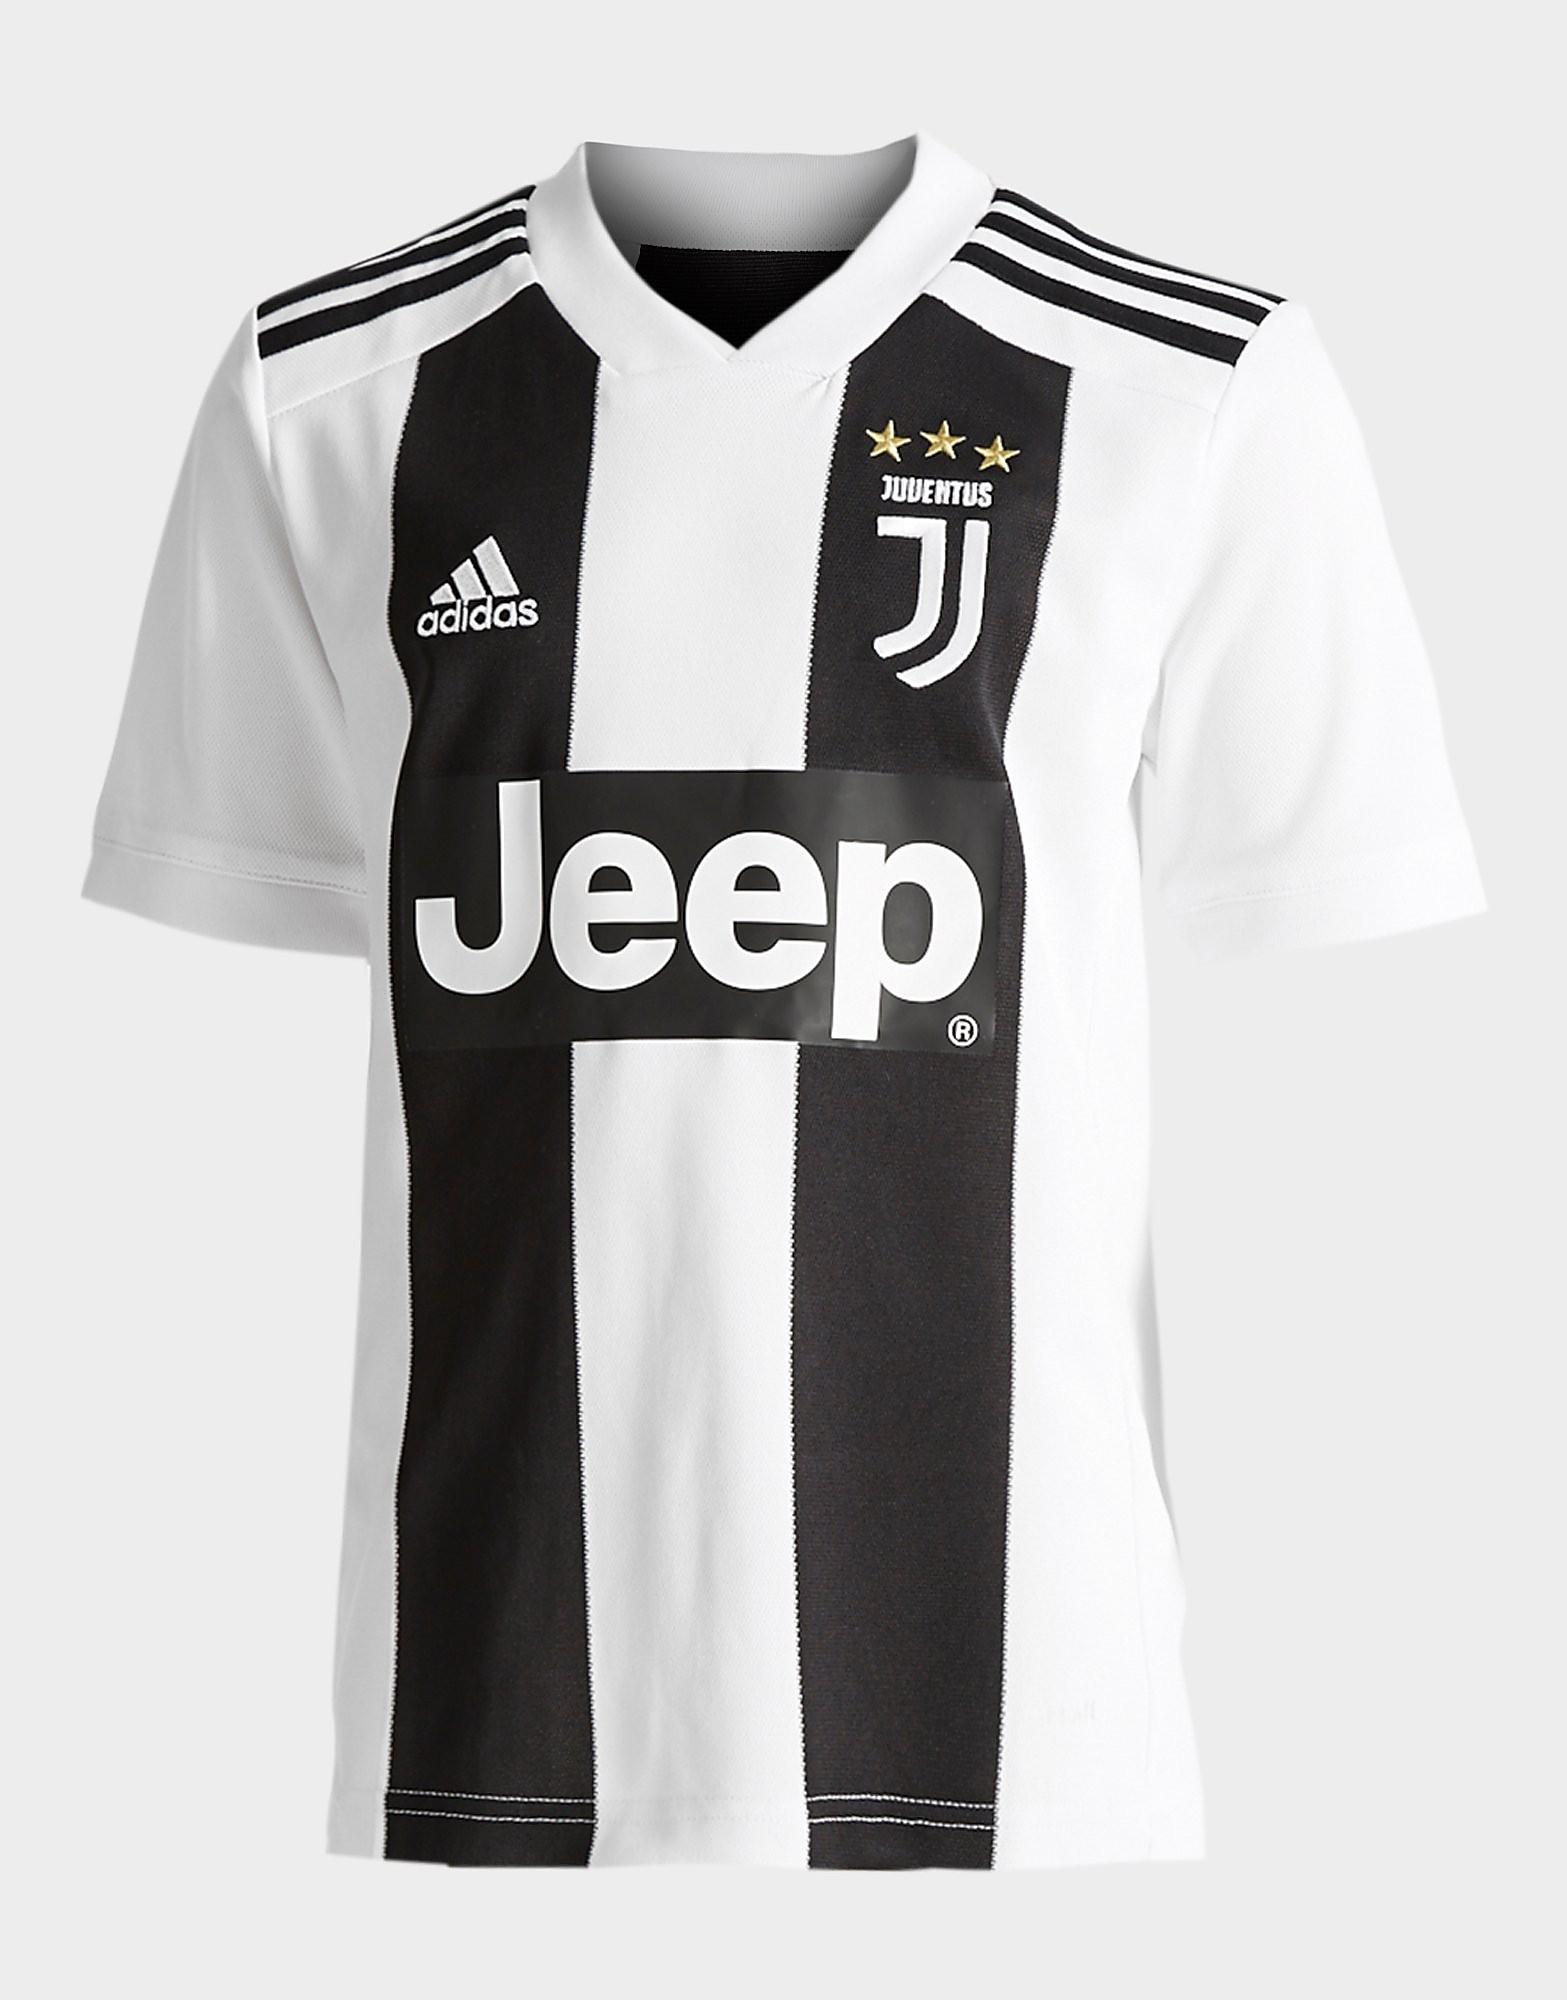 adidas Juventus 2018/19 Hemmatröja Junior FÖRBESTÄLLNING